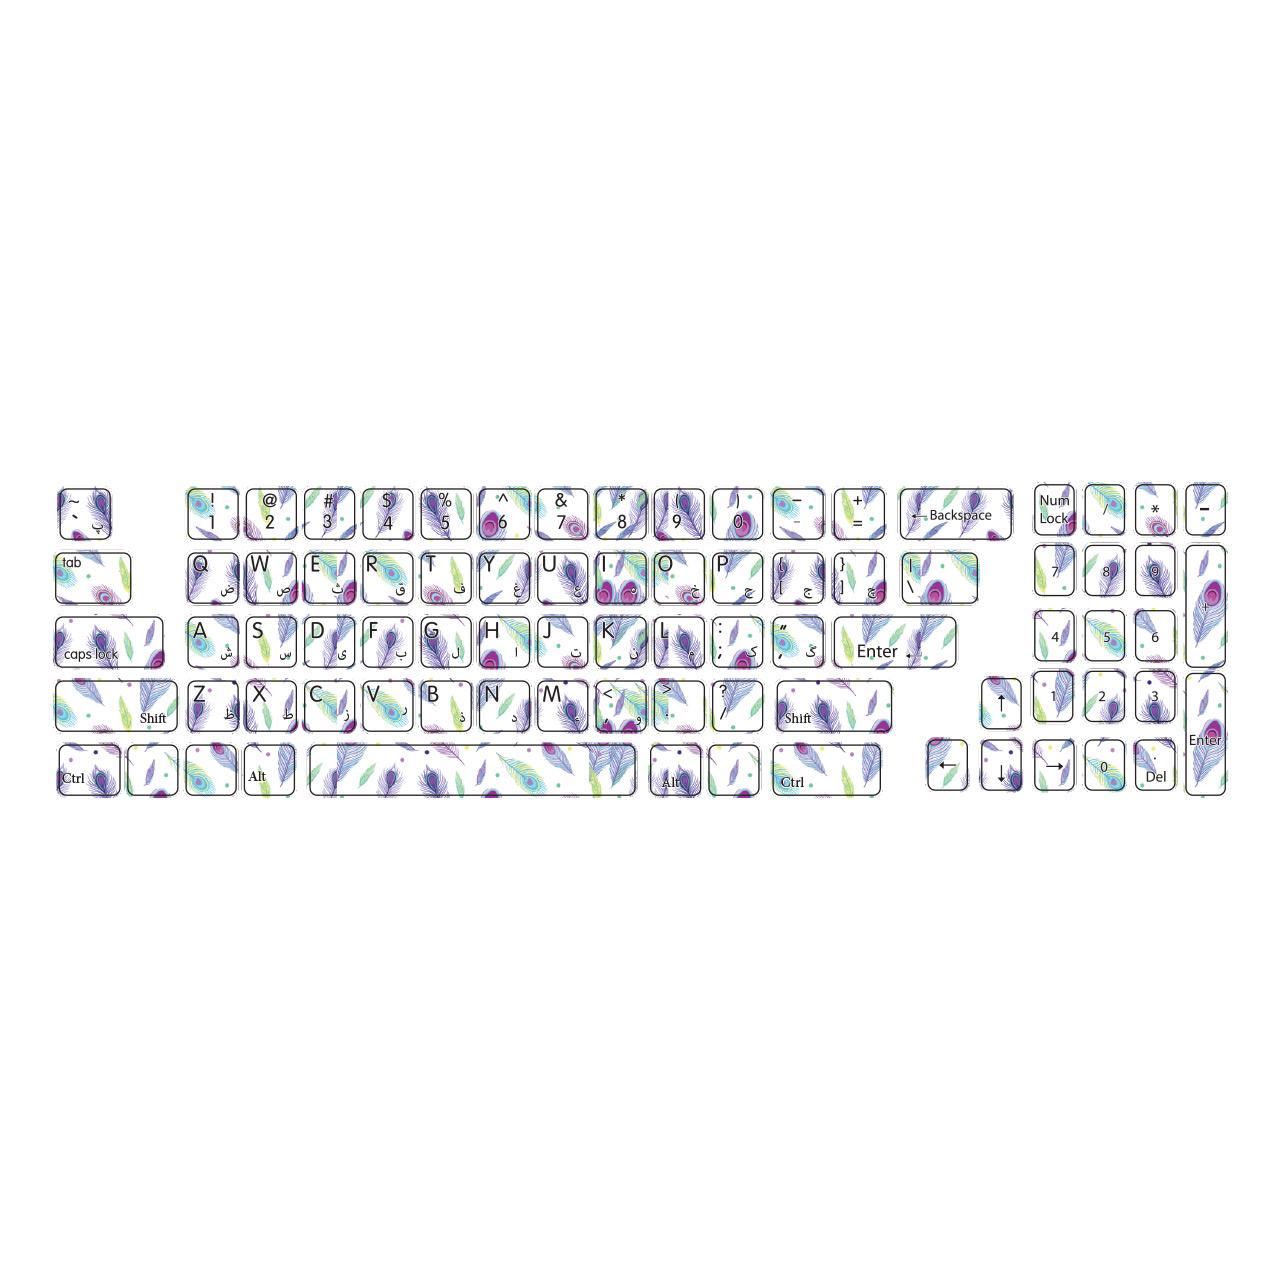 برچسب  حروف فارسی کیبورد طرح پر  کد ۱۰۲